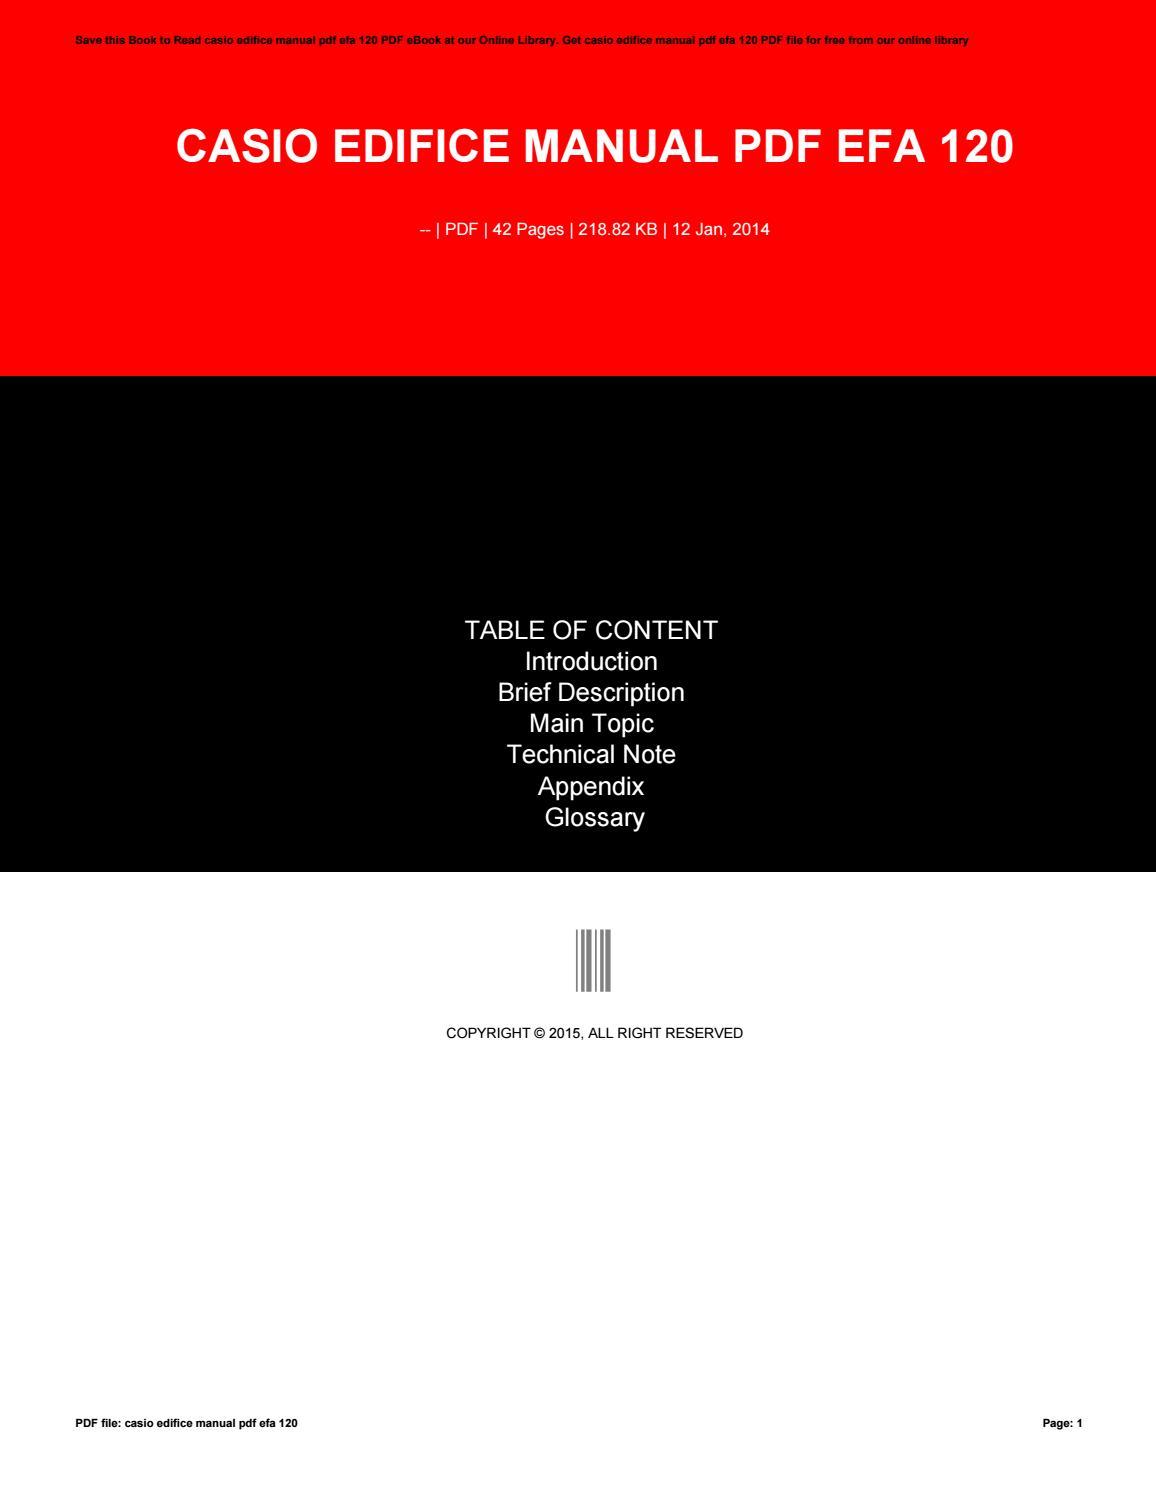 Casio edifice manual pdf efa 120 by VeronicaShears1713 - issuu 04b4d8ef5